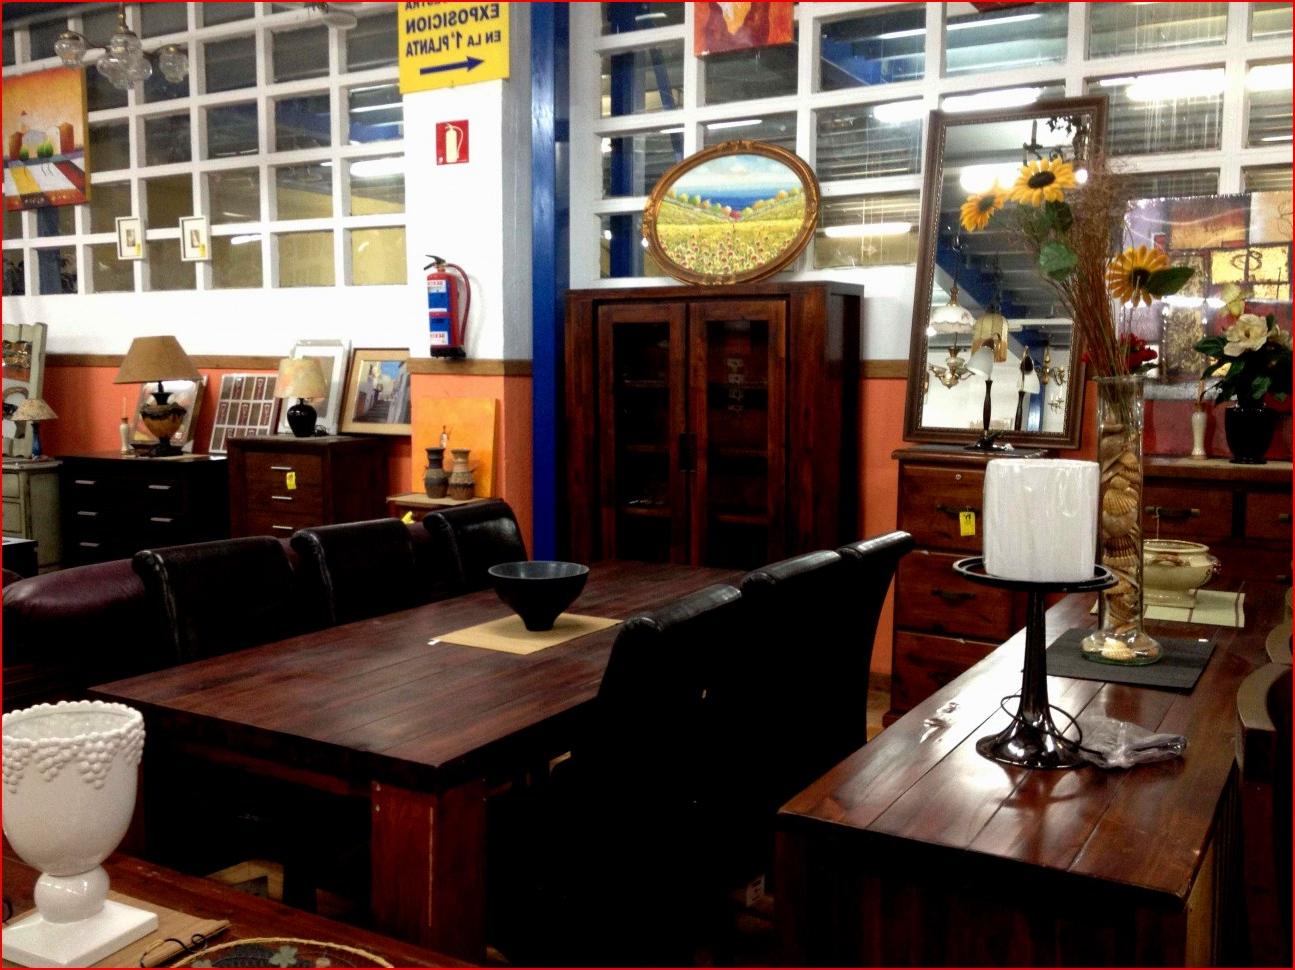 Recogida De Muebles Zaragoza 3ldq Remar Zaragoza Recogida De Muebles Usados En Foto 31 Y Venta